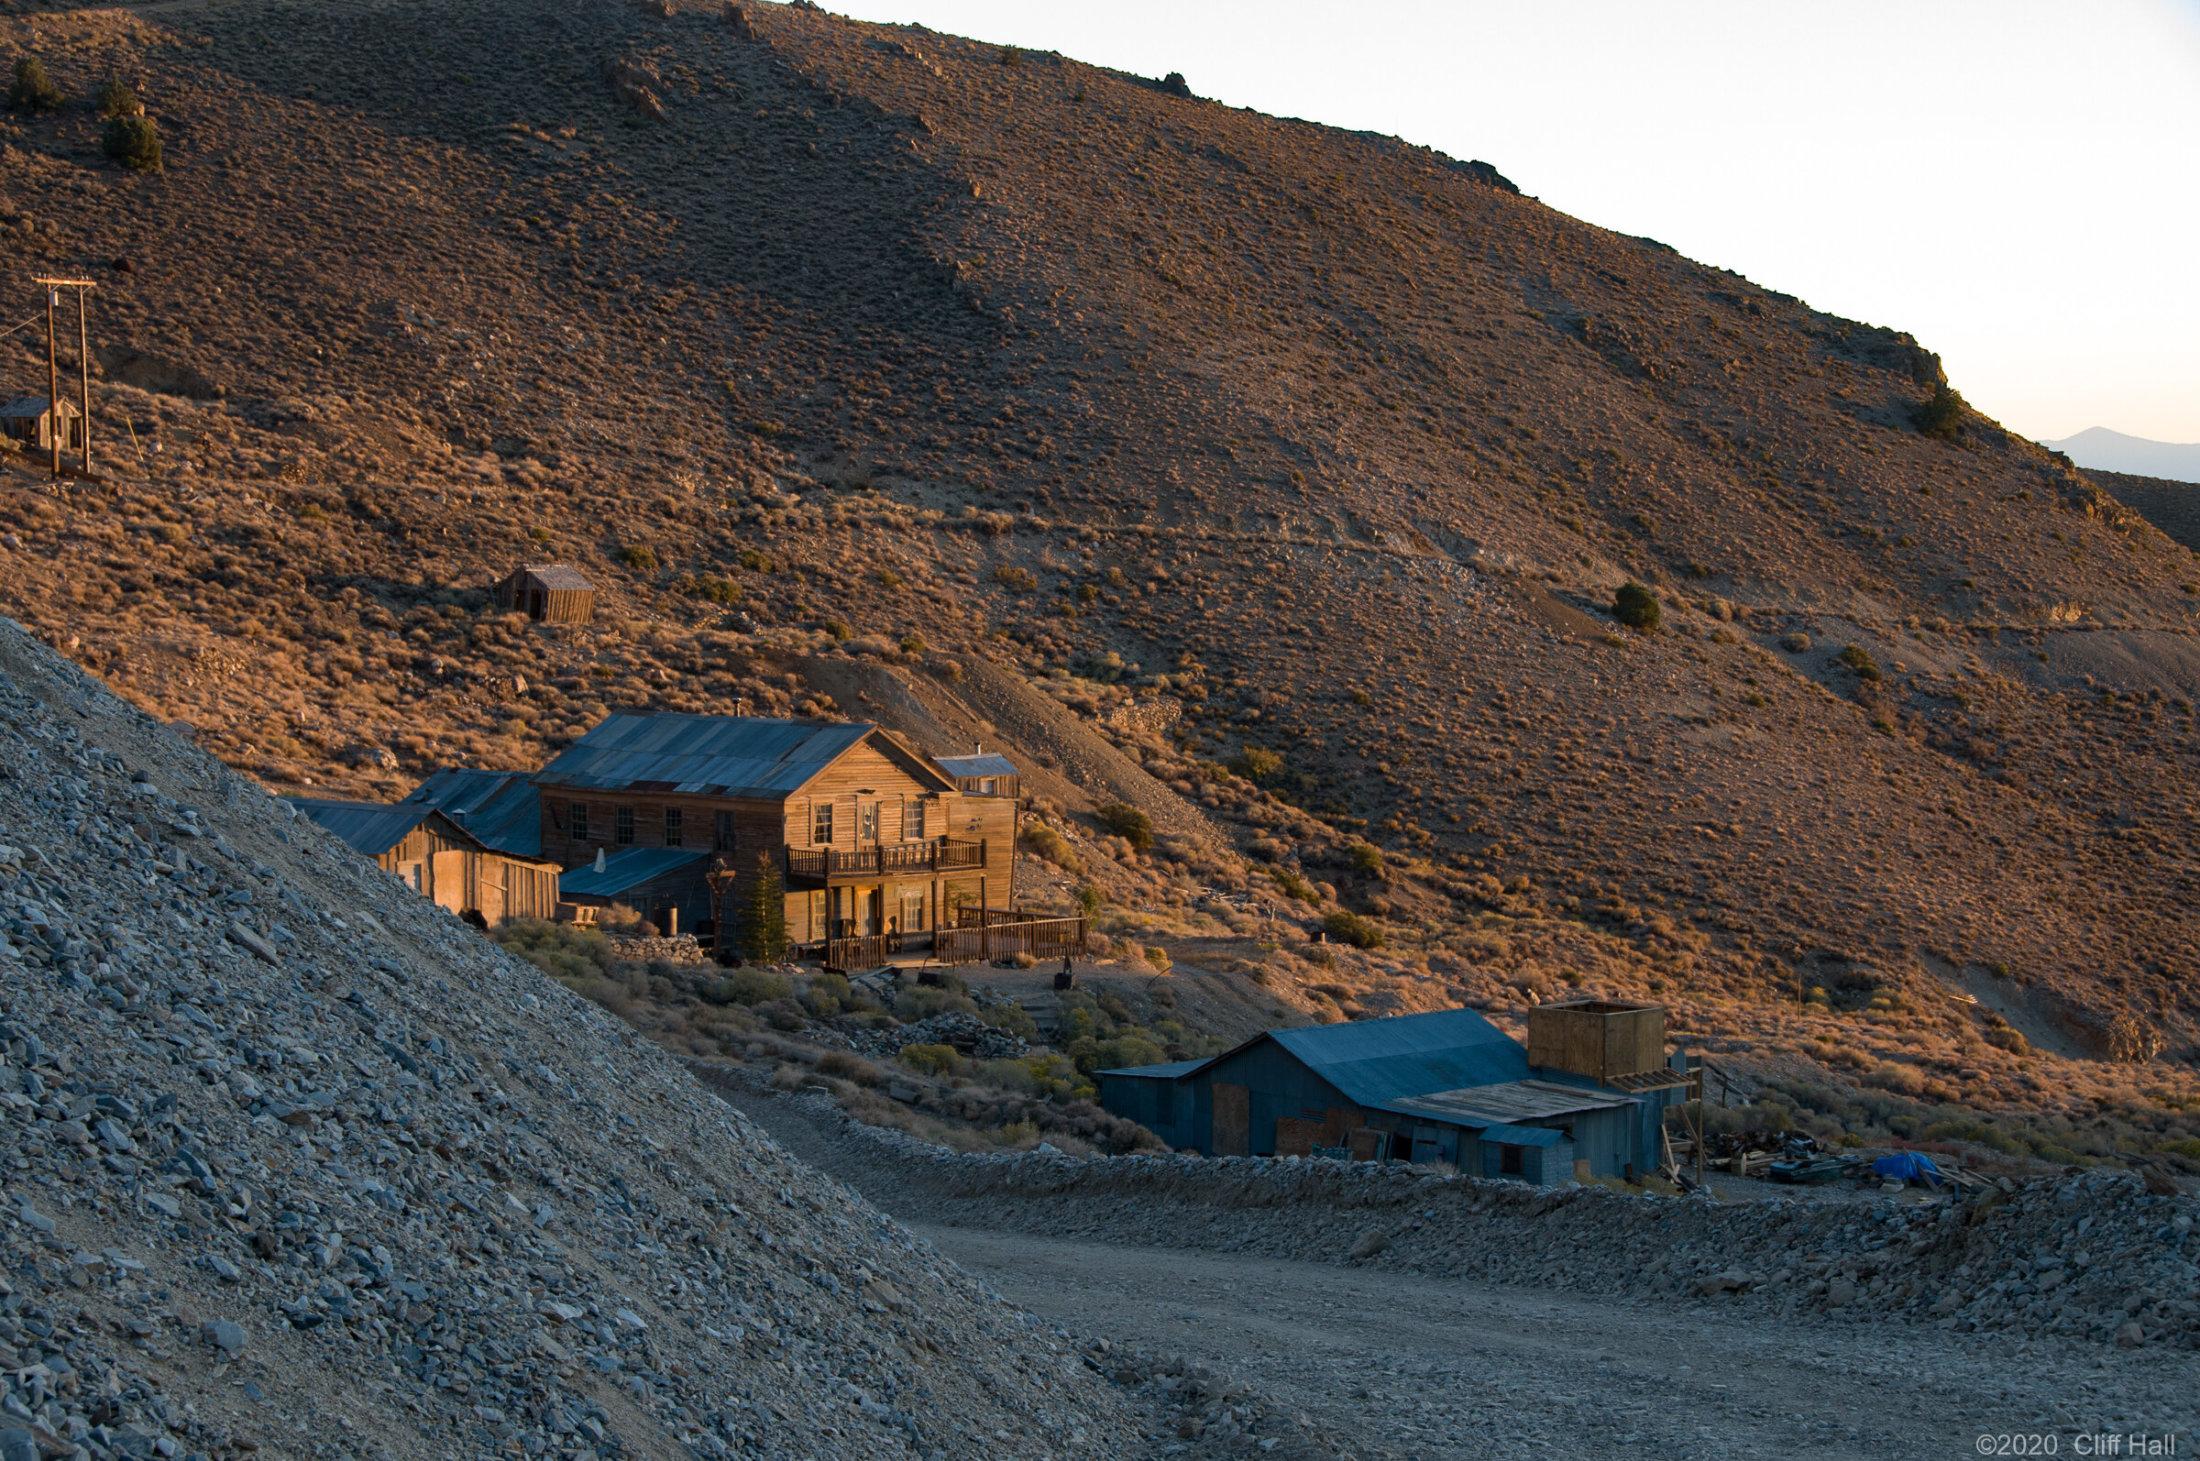 American Hotel, Cerro Gordo